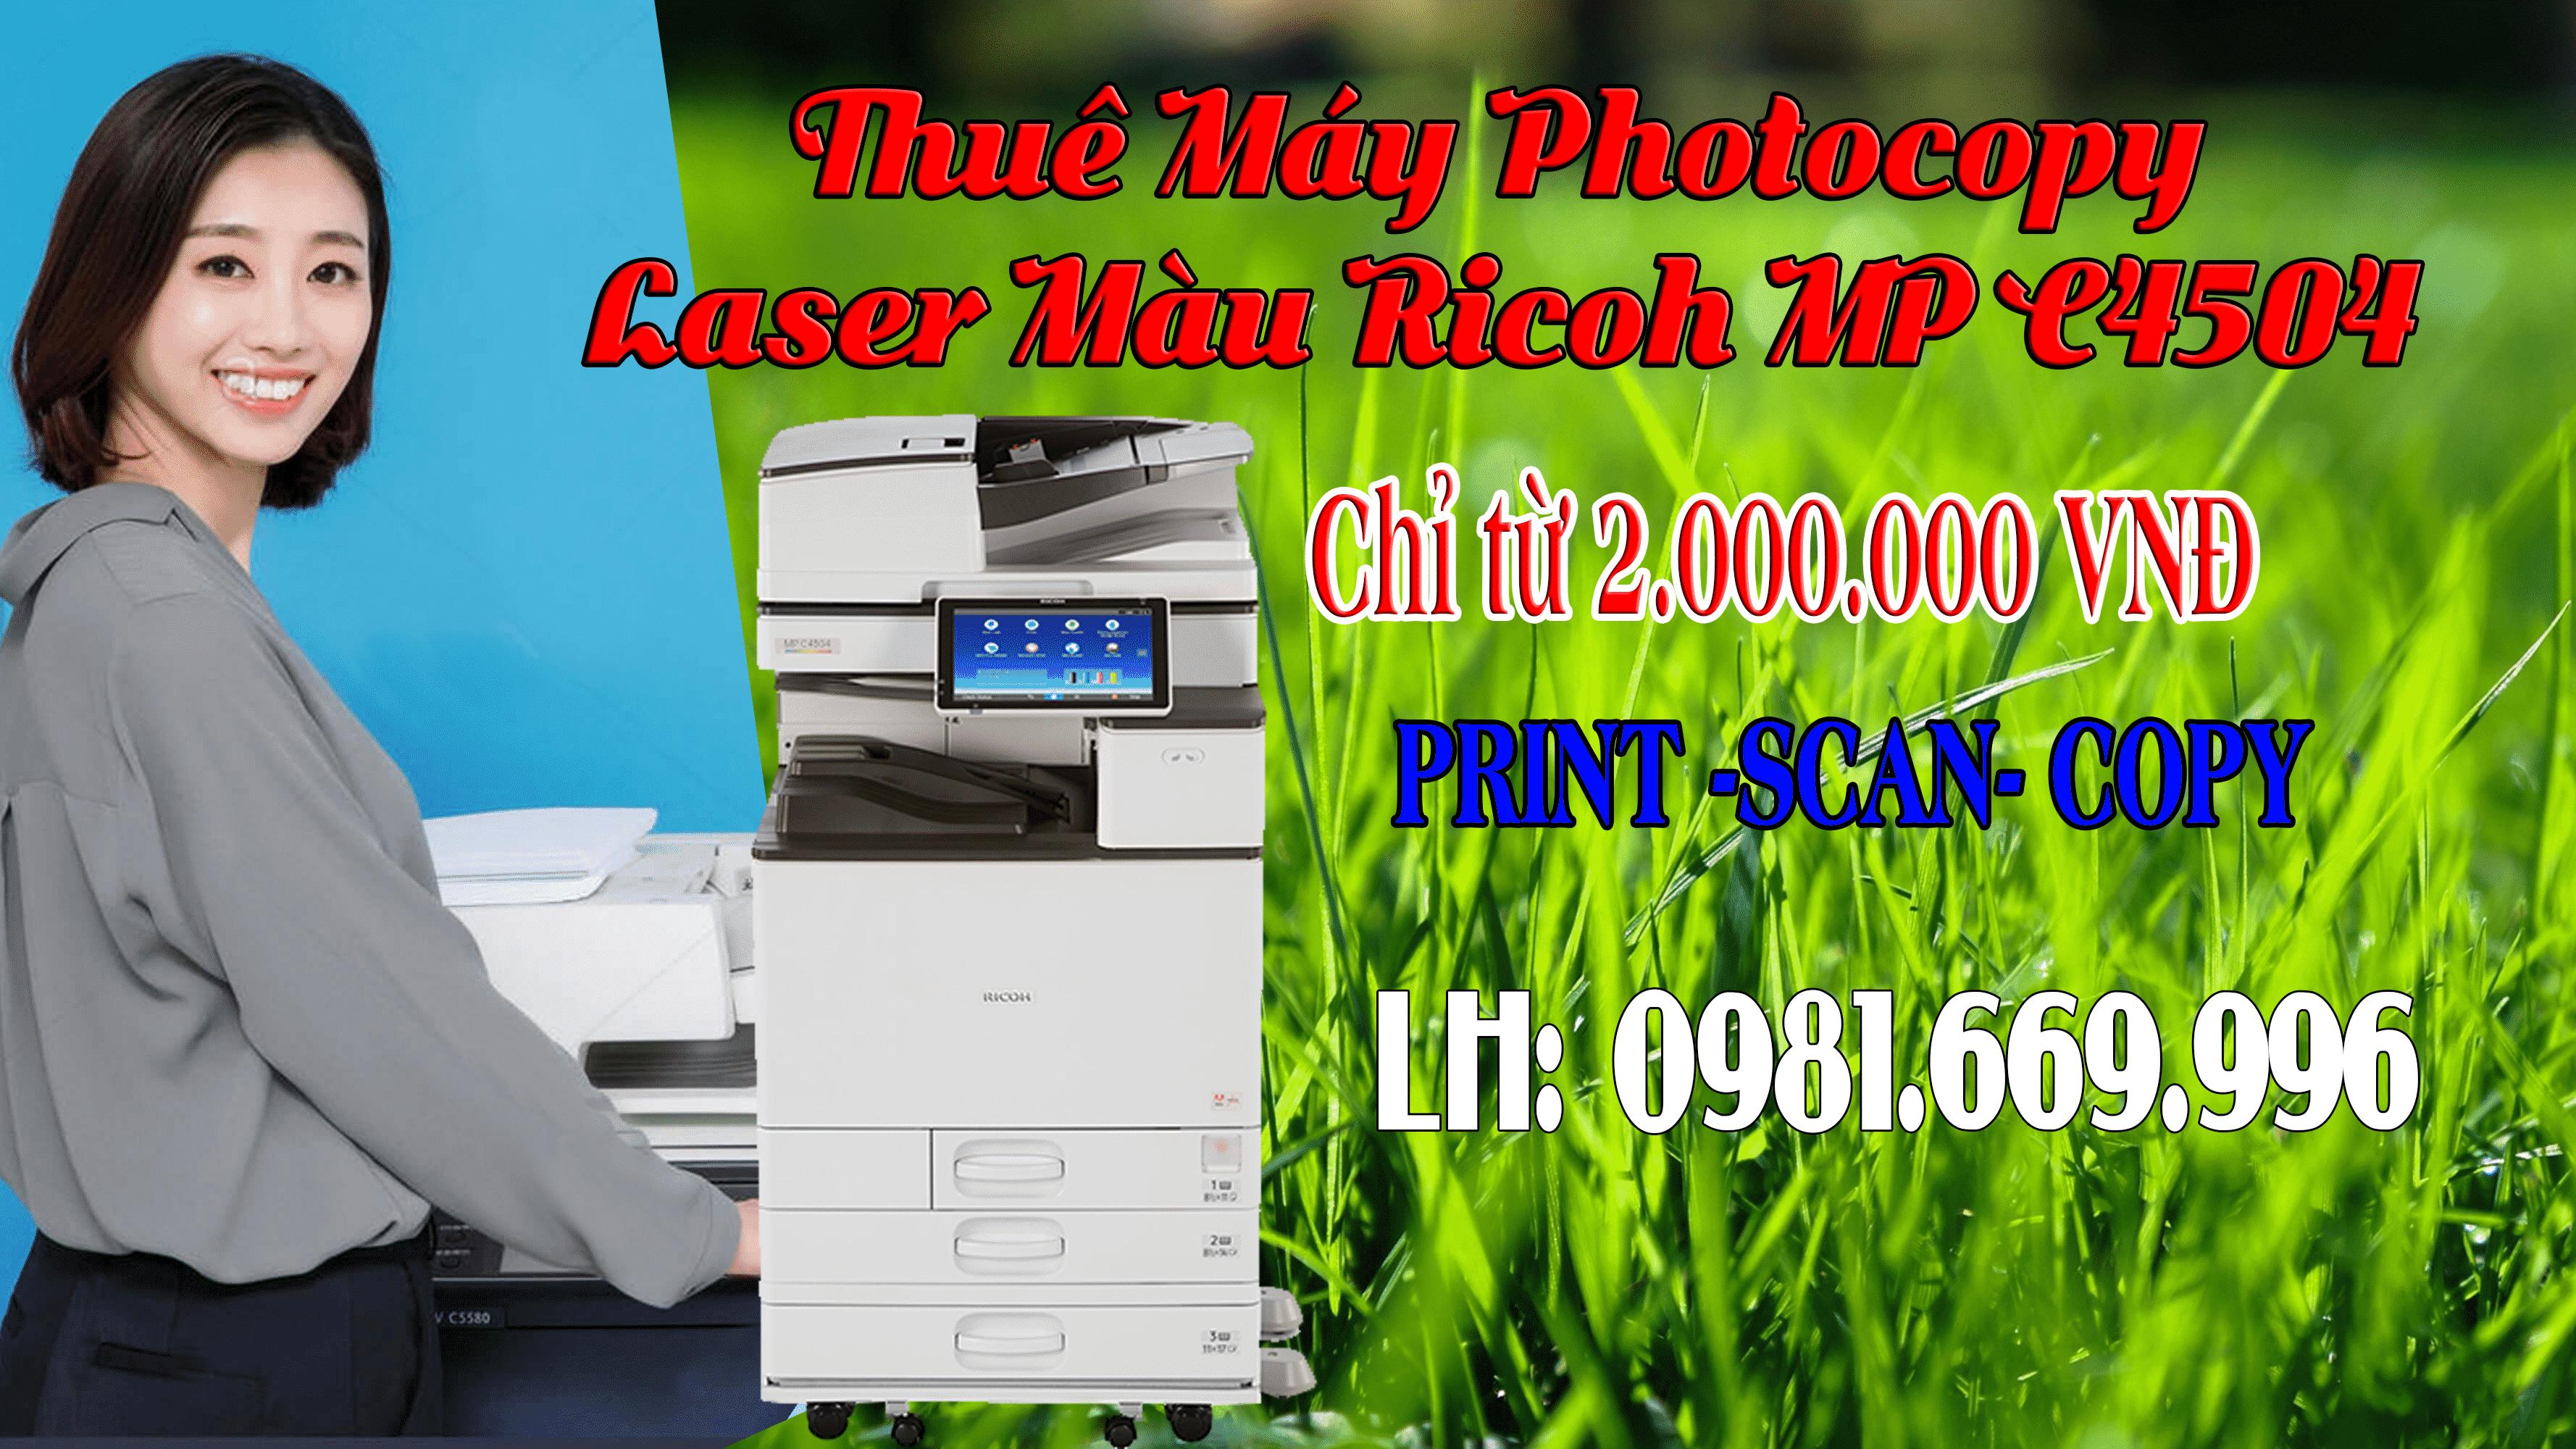 photocopy cho thue